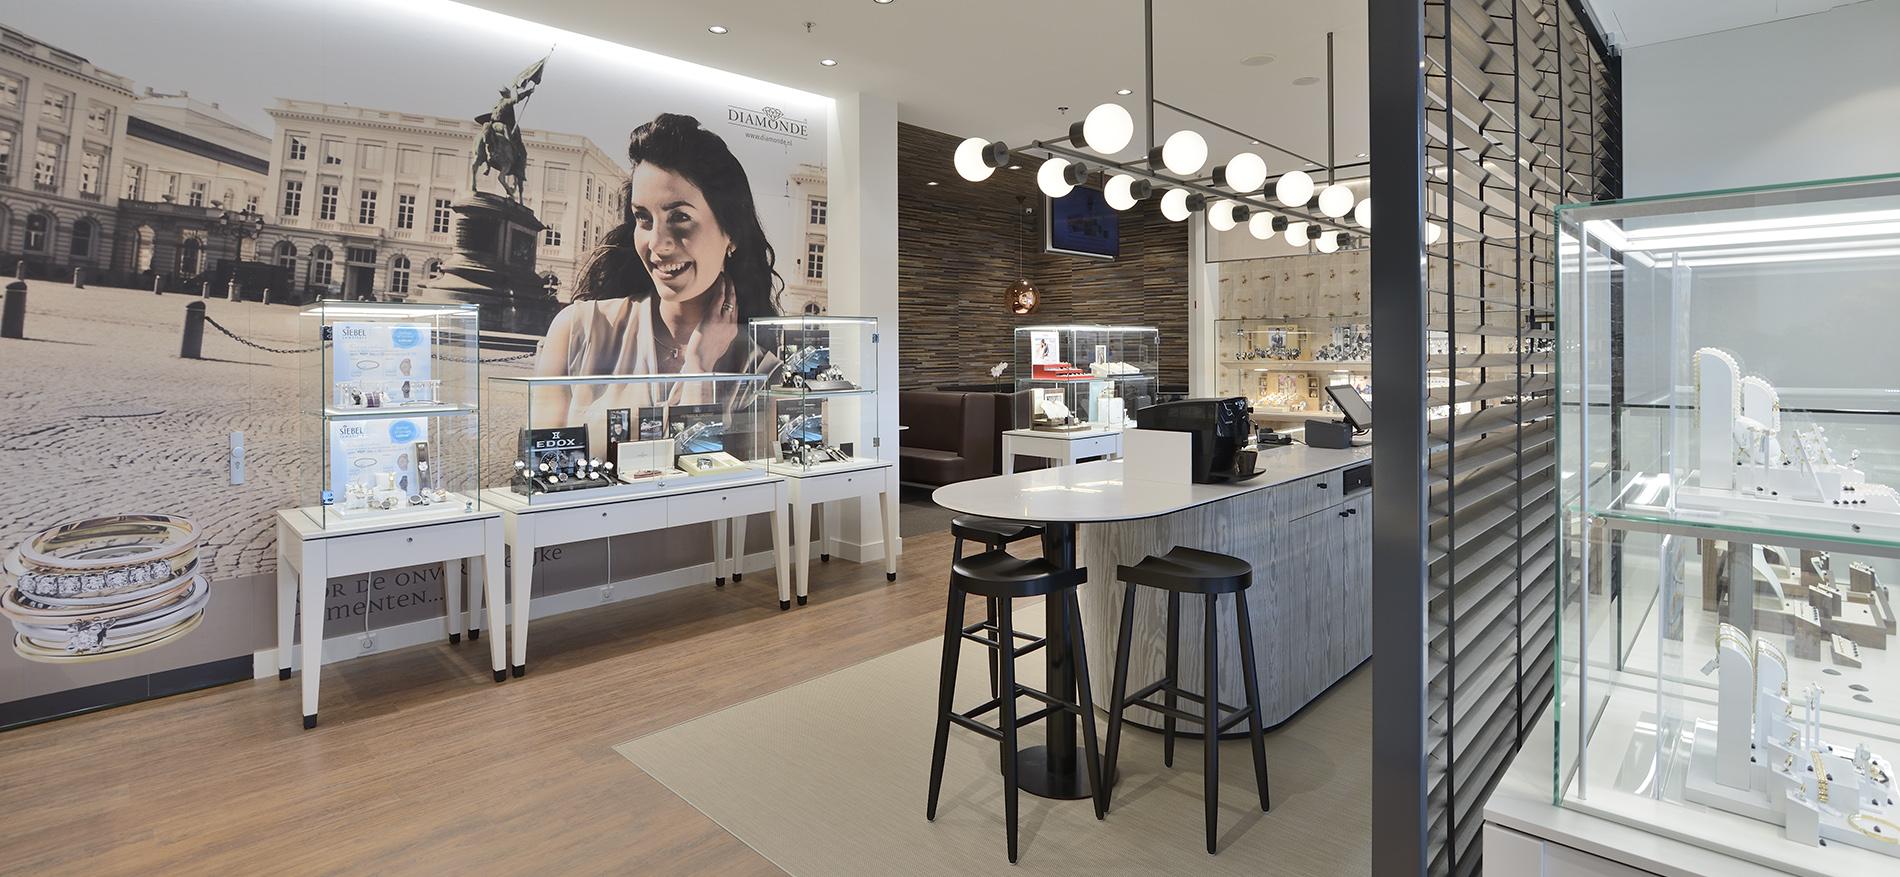 Persberichting winkelinrichting retail siebel opent for Interieur winkels